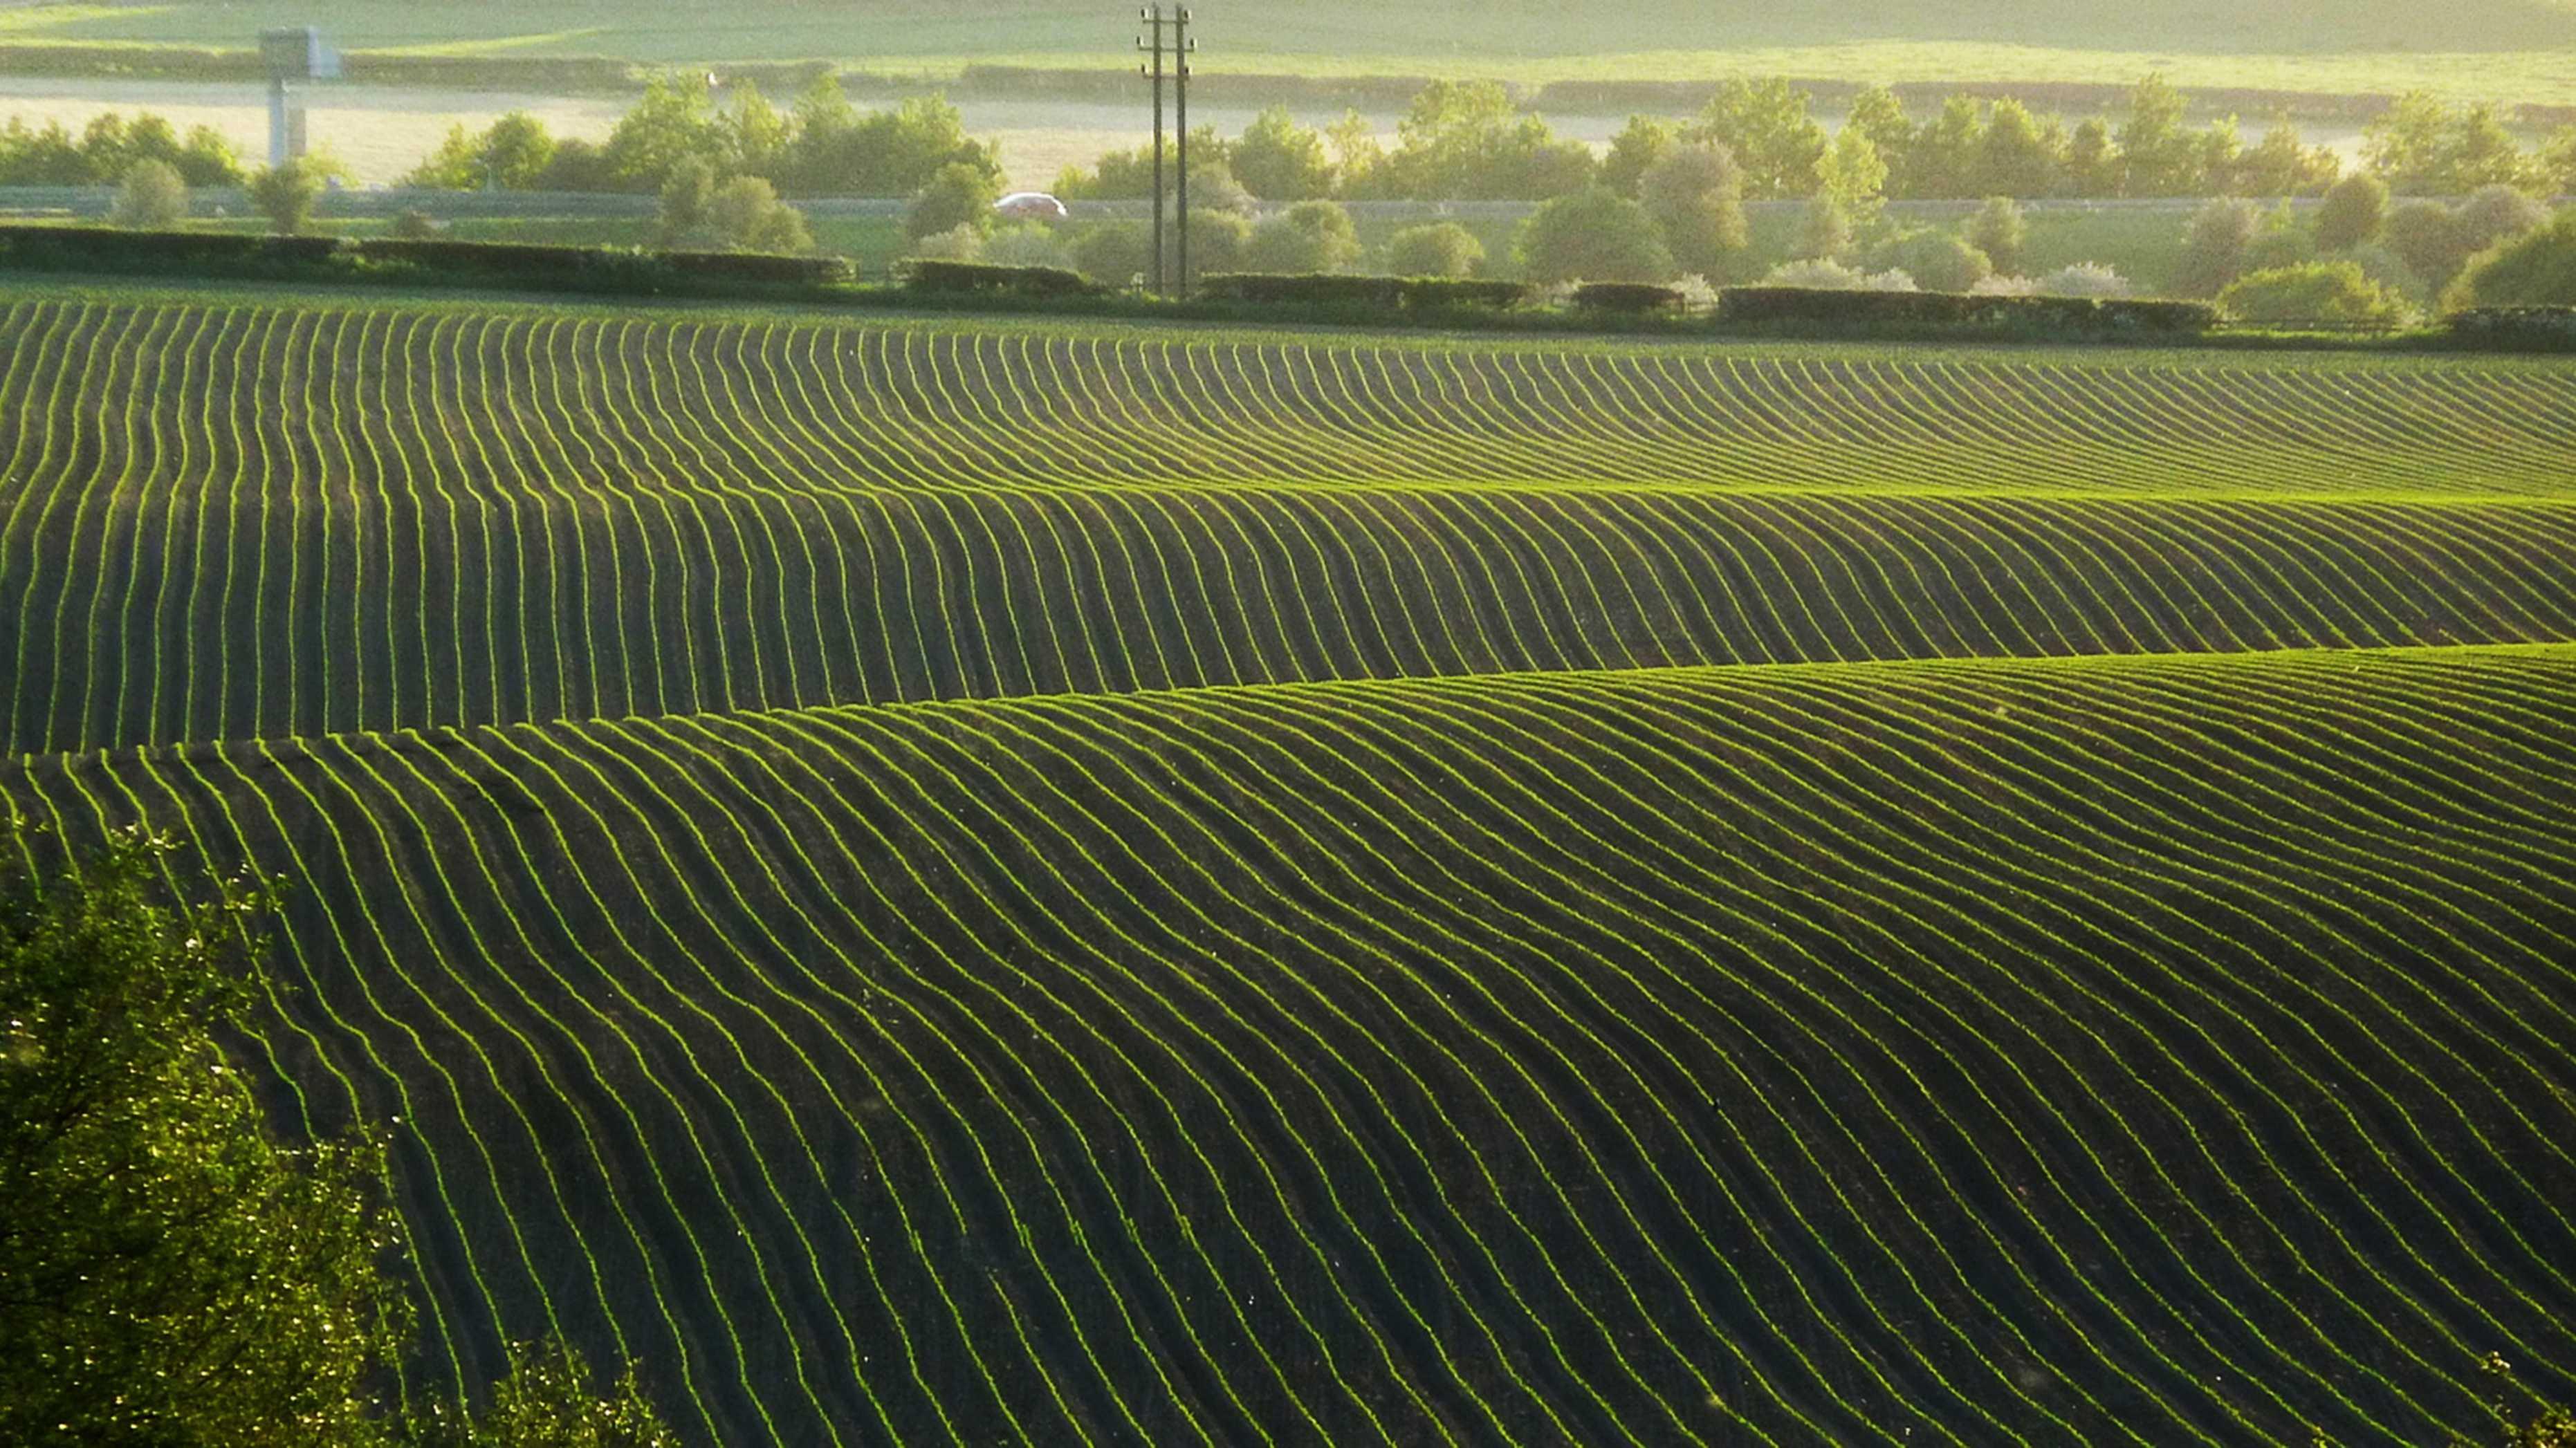 crop rows.jpg